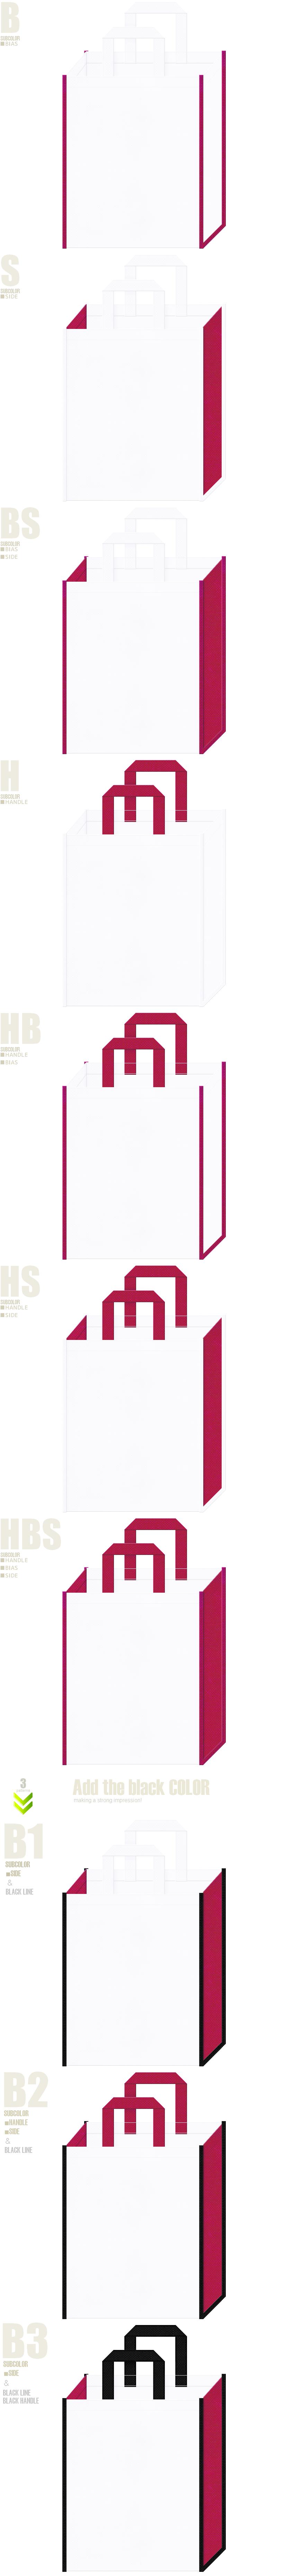 白色と濃いピンク色の不織布トートバッグデザイン。女子学校・オープンキャンパスや病院、医療セミナー用のバッグにお奨めです。